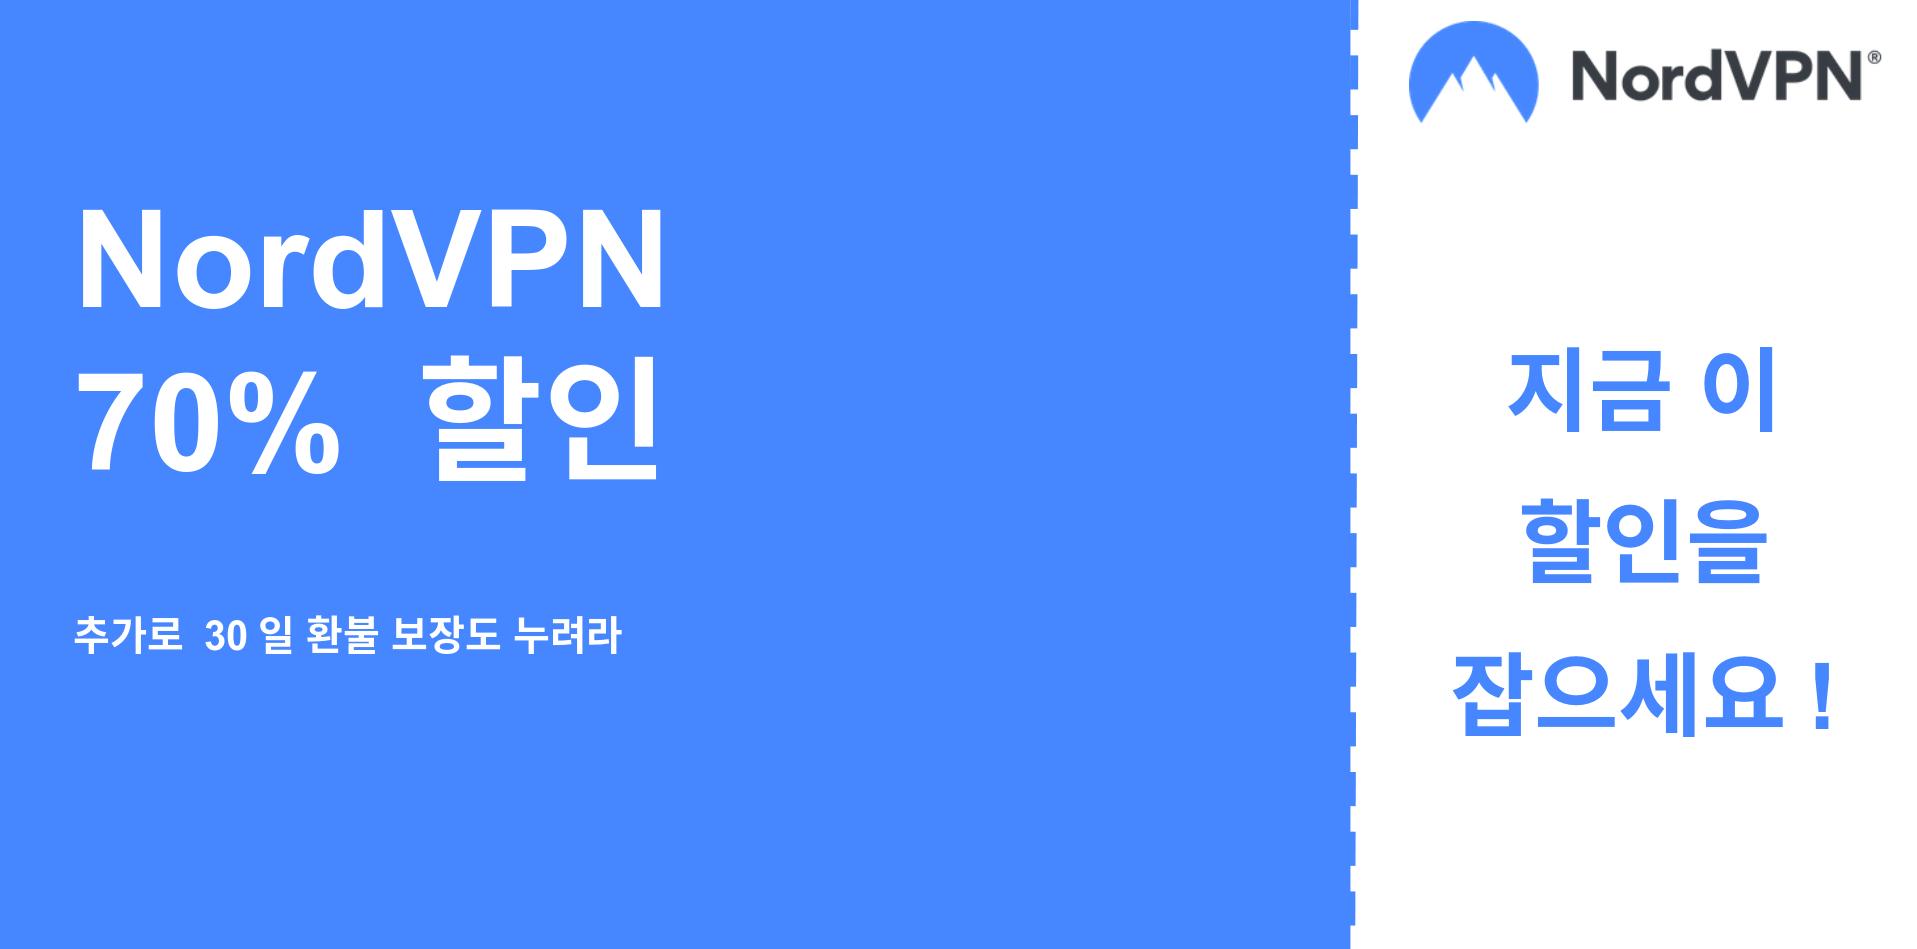 70 % 할인 된 Nordvpn 메인 쿠폰 배너 그래픽